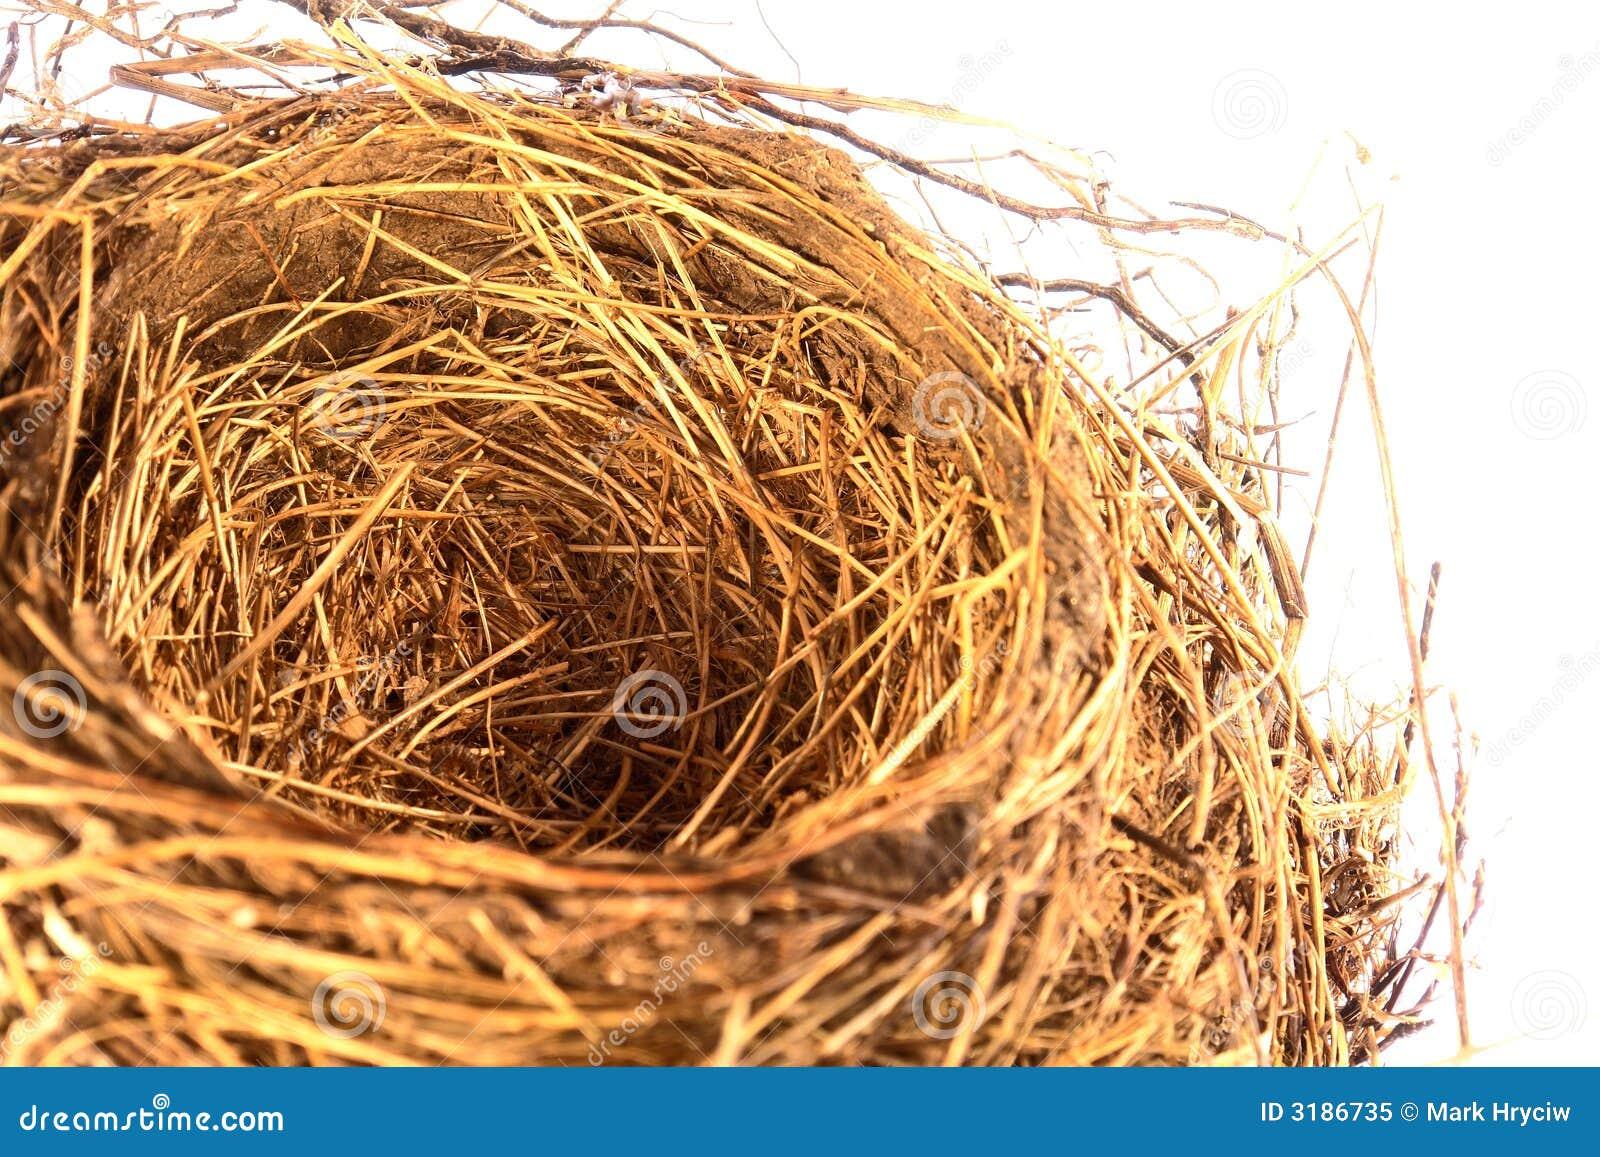 leeres vogel nest stockbild bild von robin haupt eier 3186735. Black Bedroom Furniture Sets. Home Design Ideas